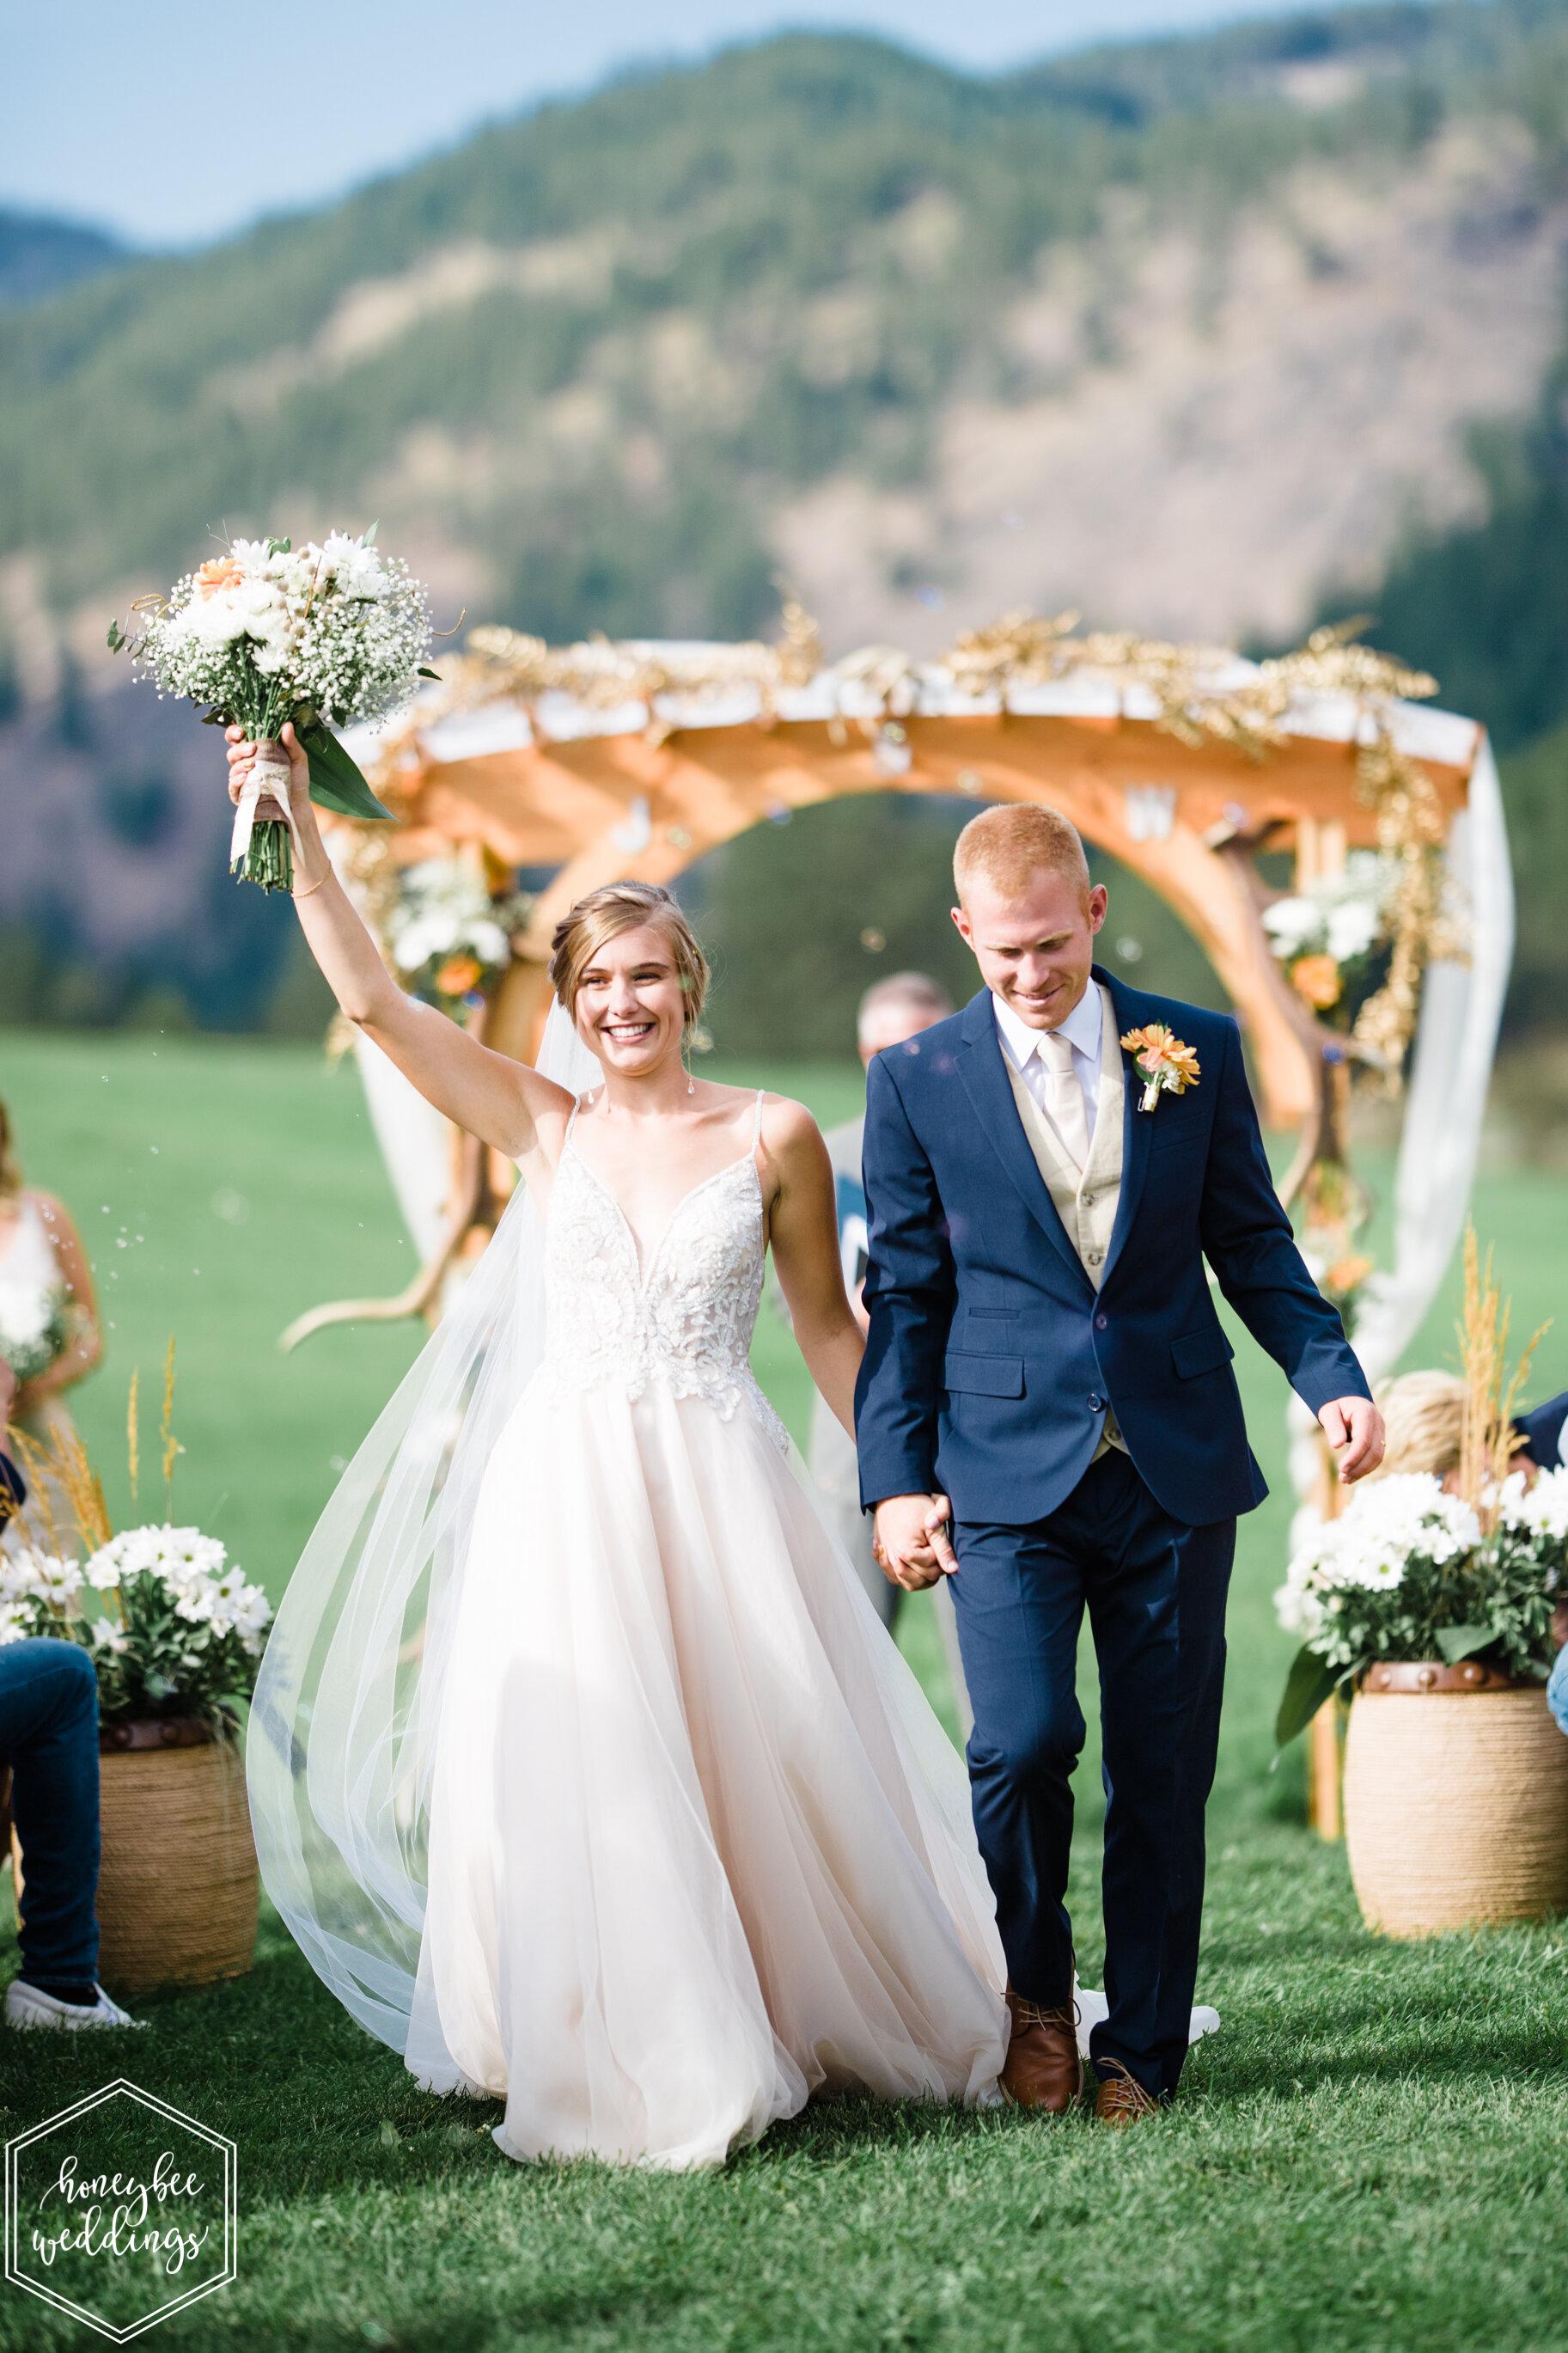 087Seven Mile Meadows Wedding_Montana Wedding Photographer_Jamie & Wes_Honeybee Weddings_September 07, 2019-2152.jpg